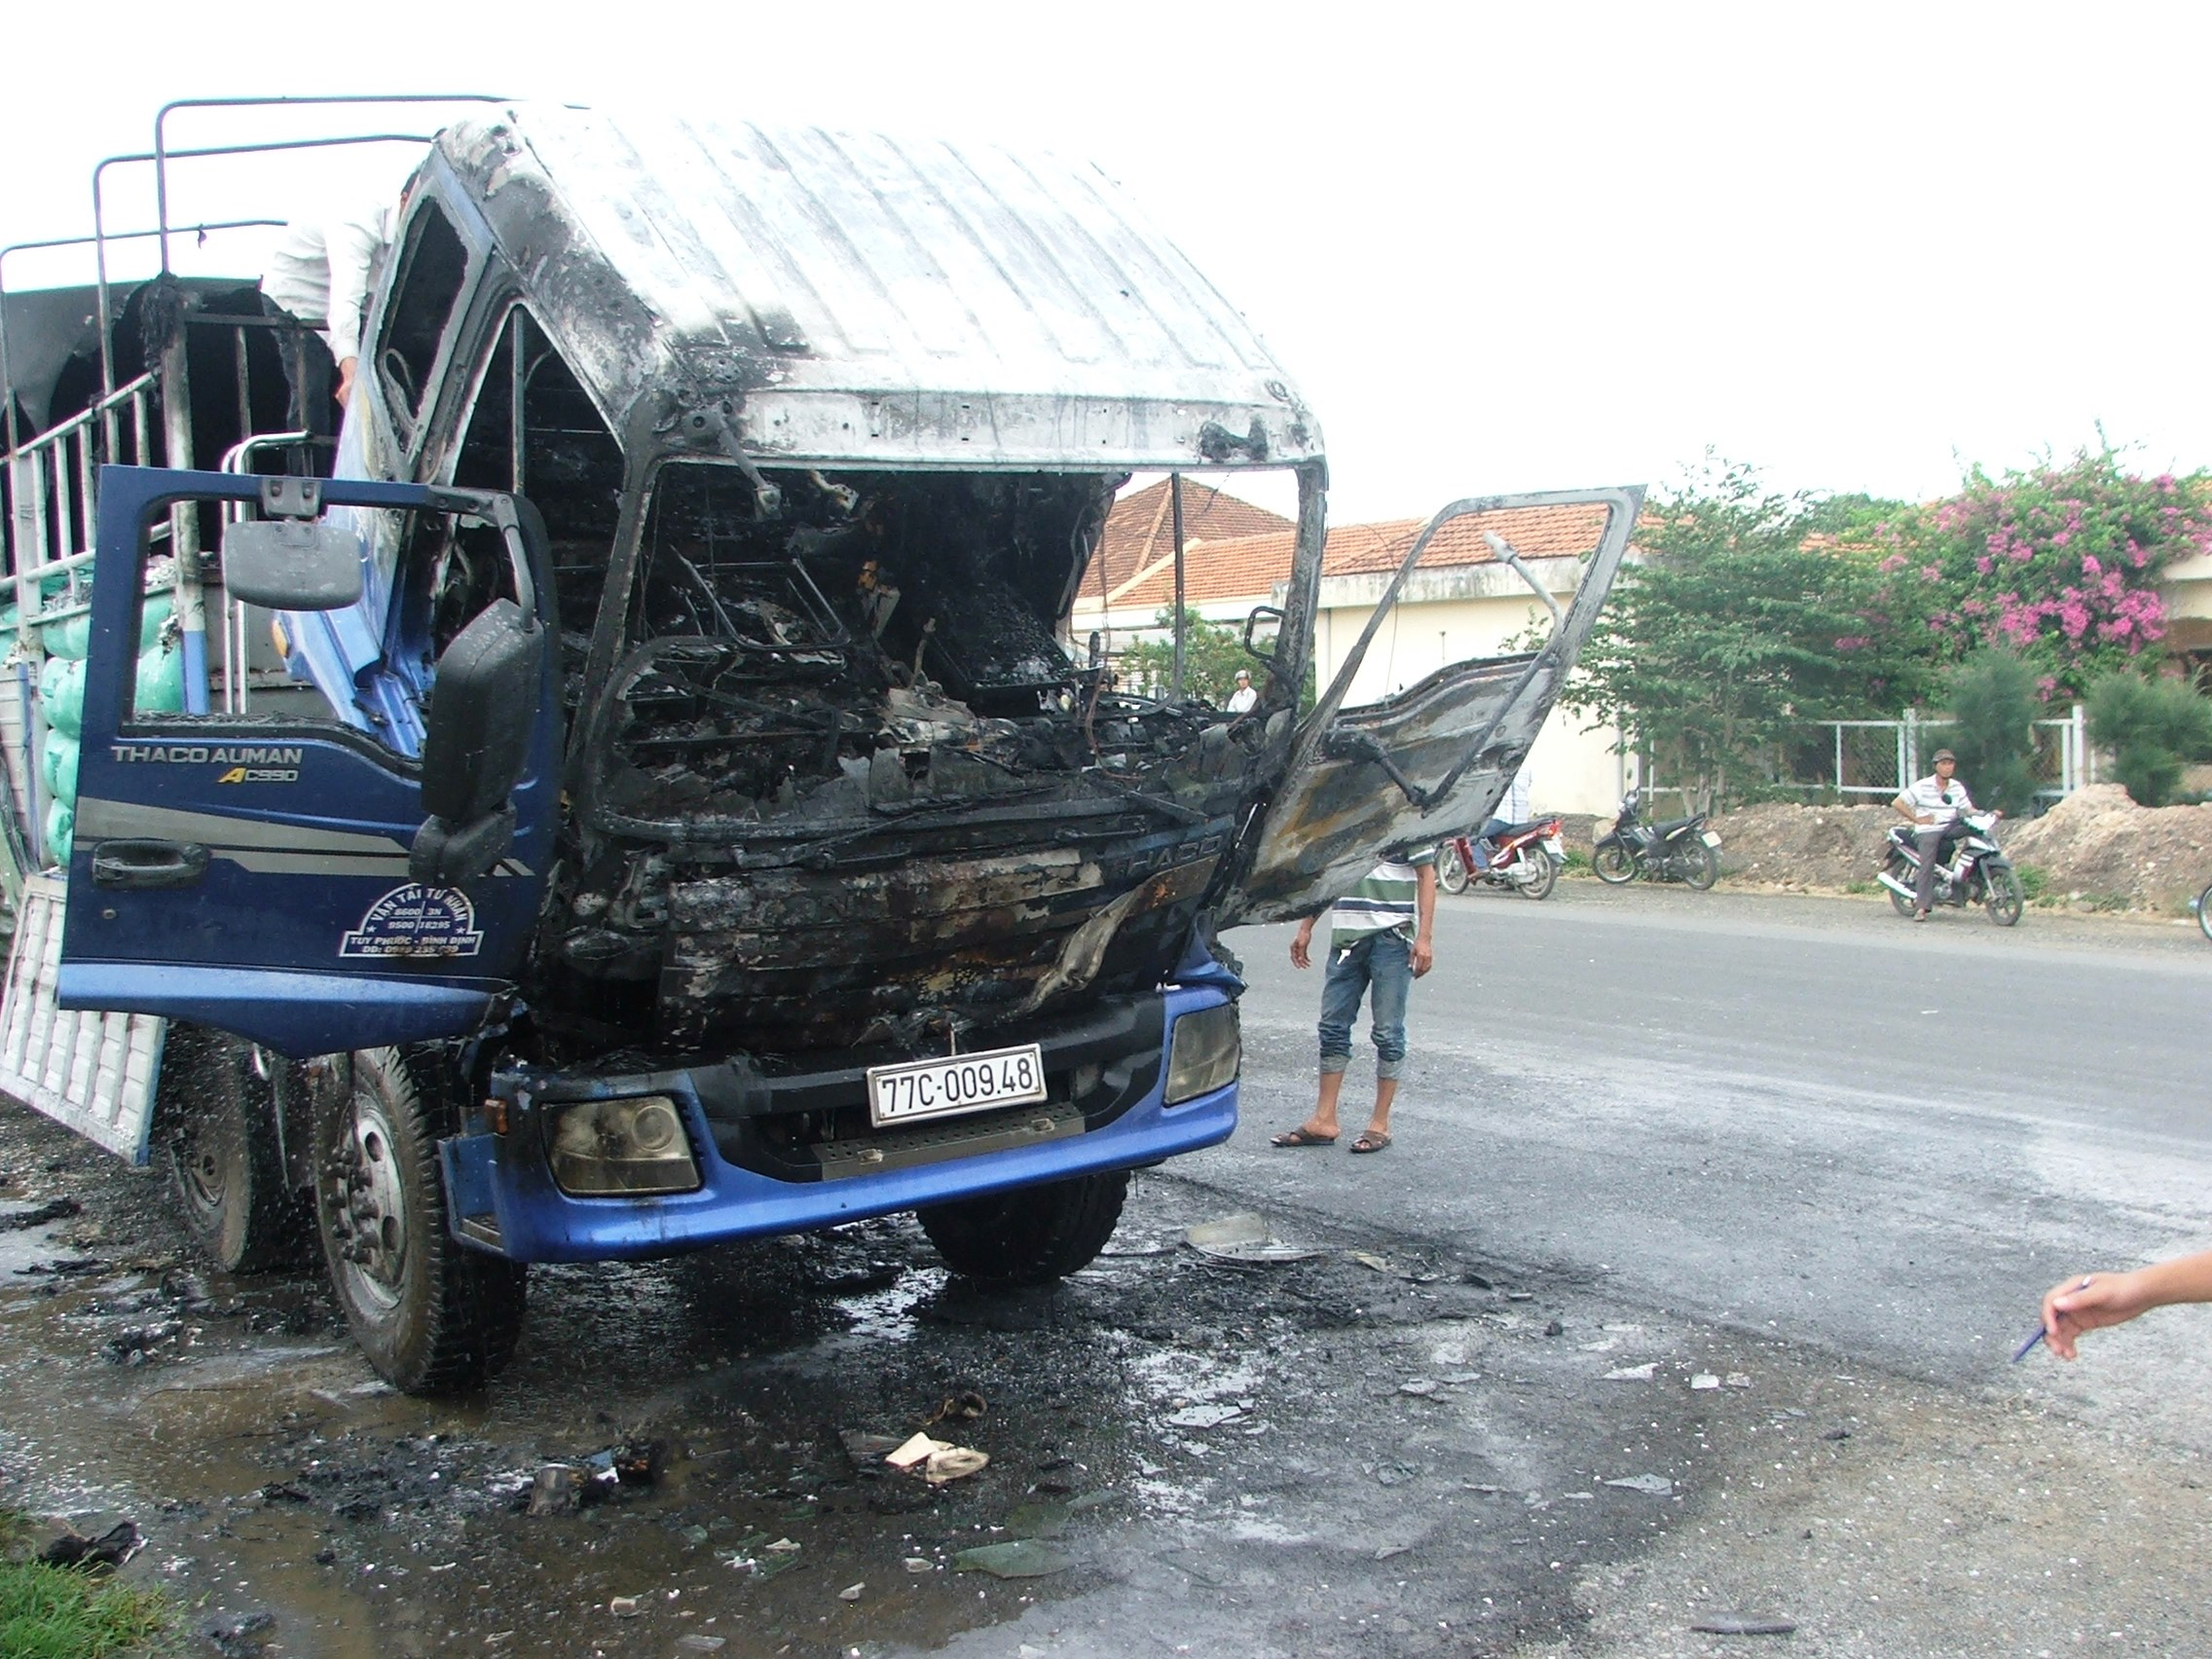 Hiện trường sau khi xe 77C-00948 cháy